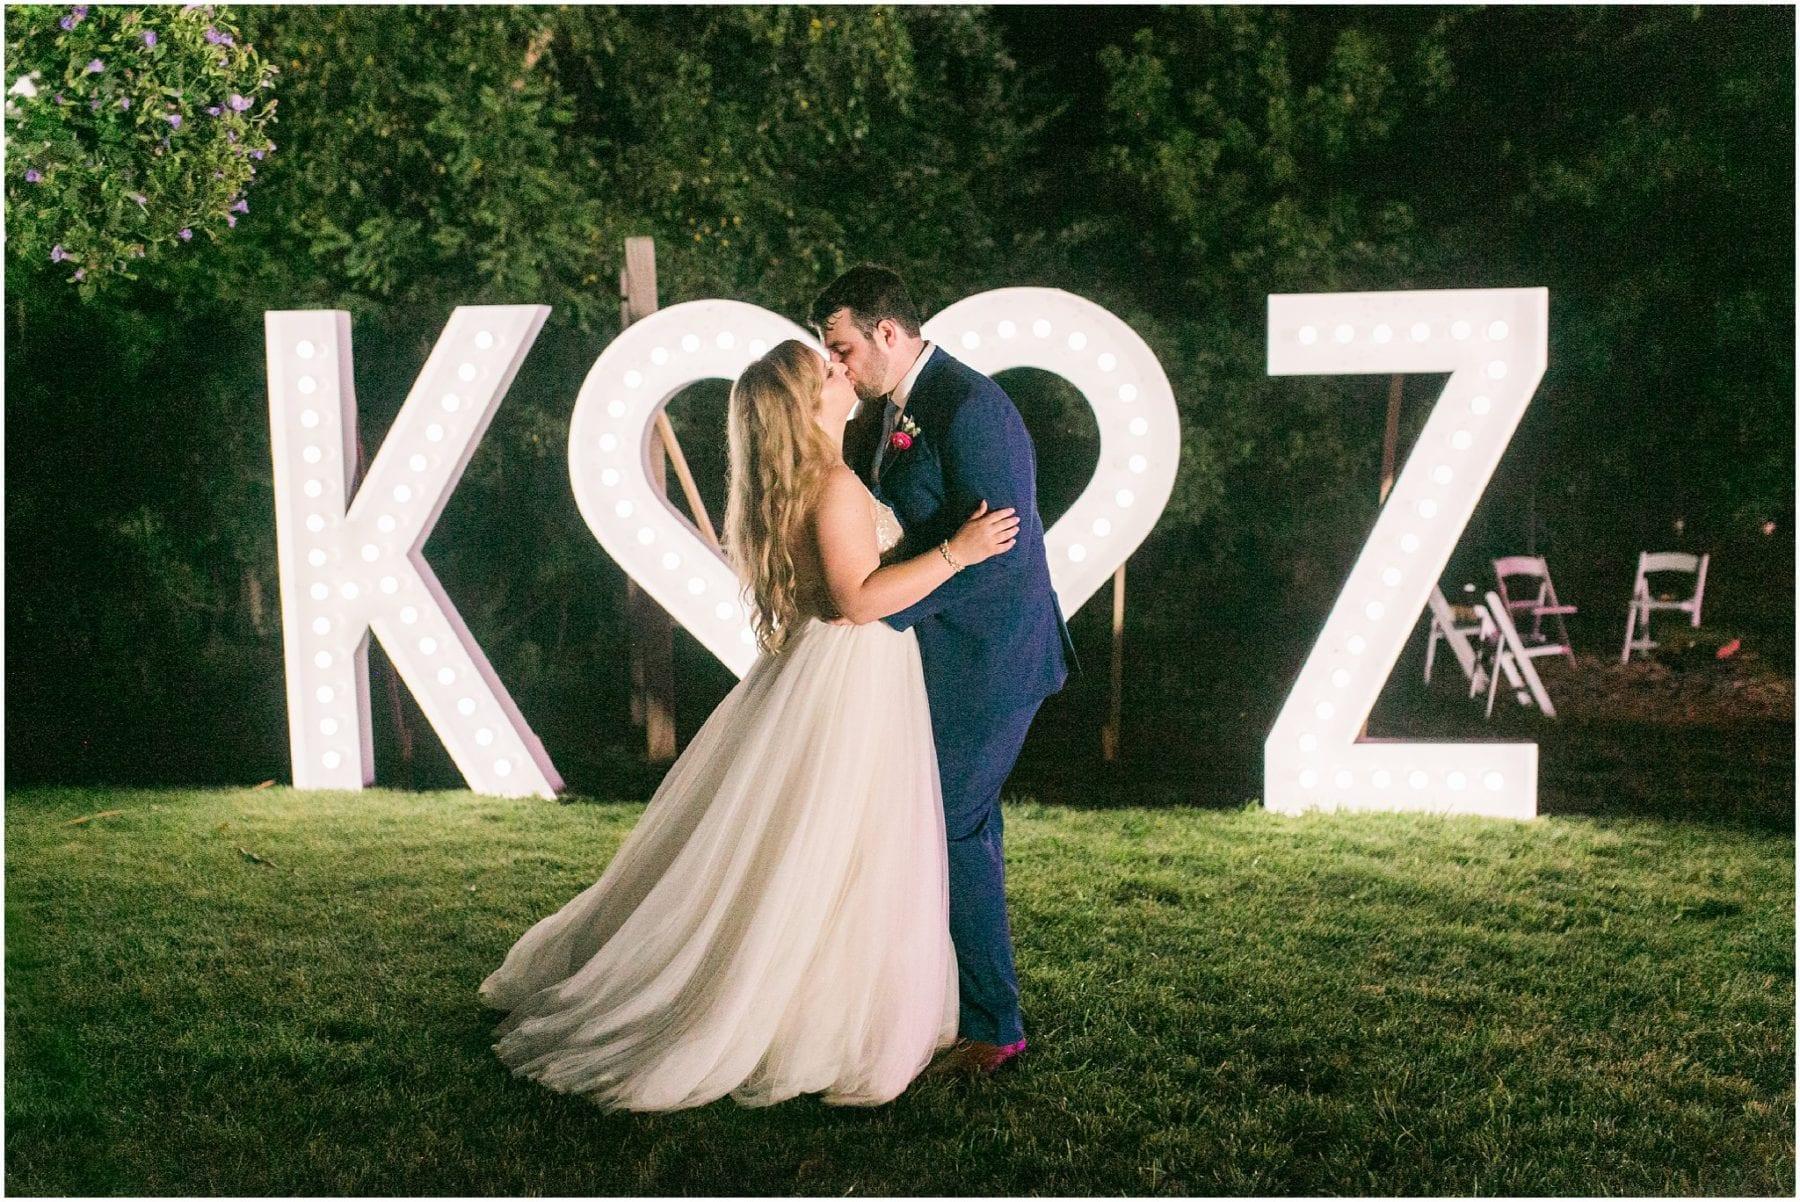 Maryland Backyard Wedding Photos Kelly & Zach Megan Kelsey Photography-343.jpg